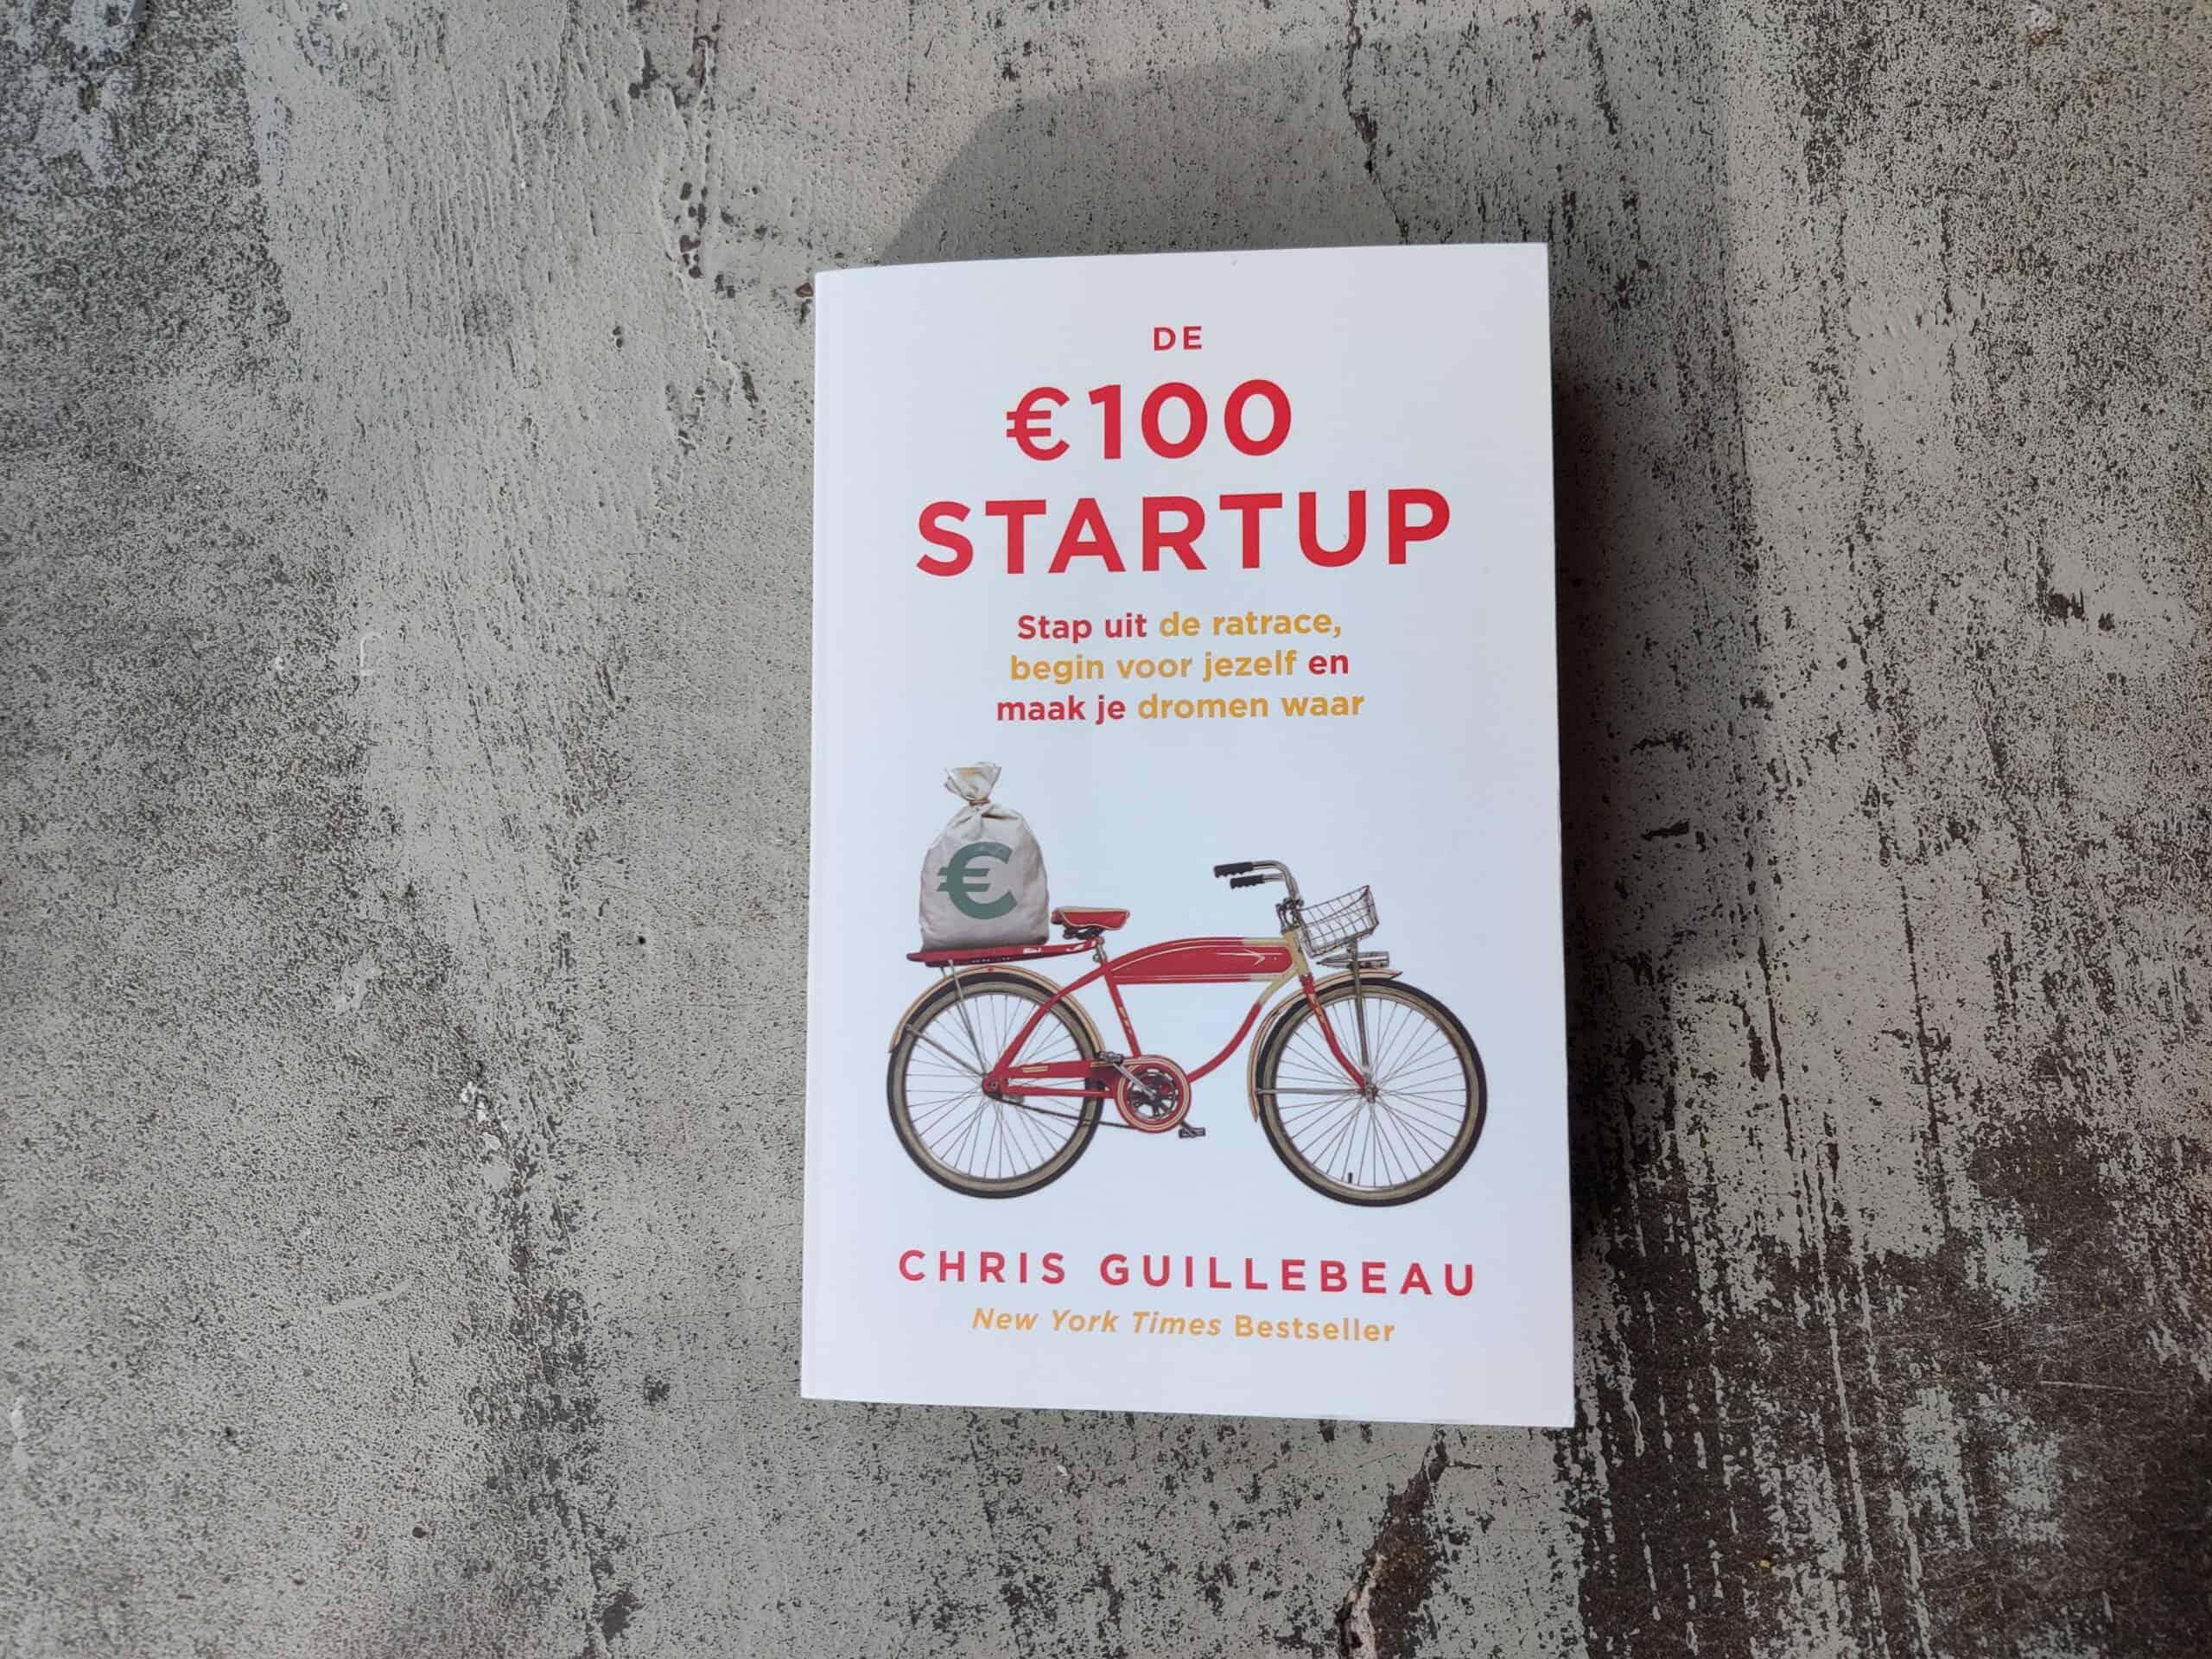 Chris Guillebeau - De € 100 startup